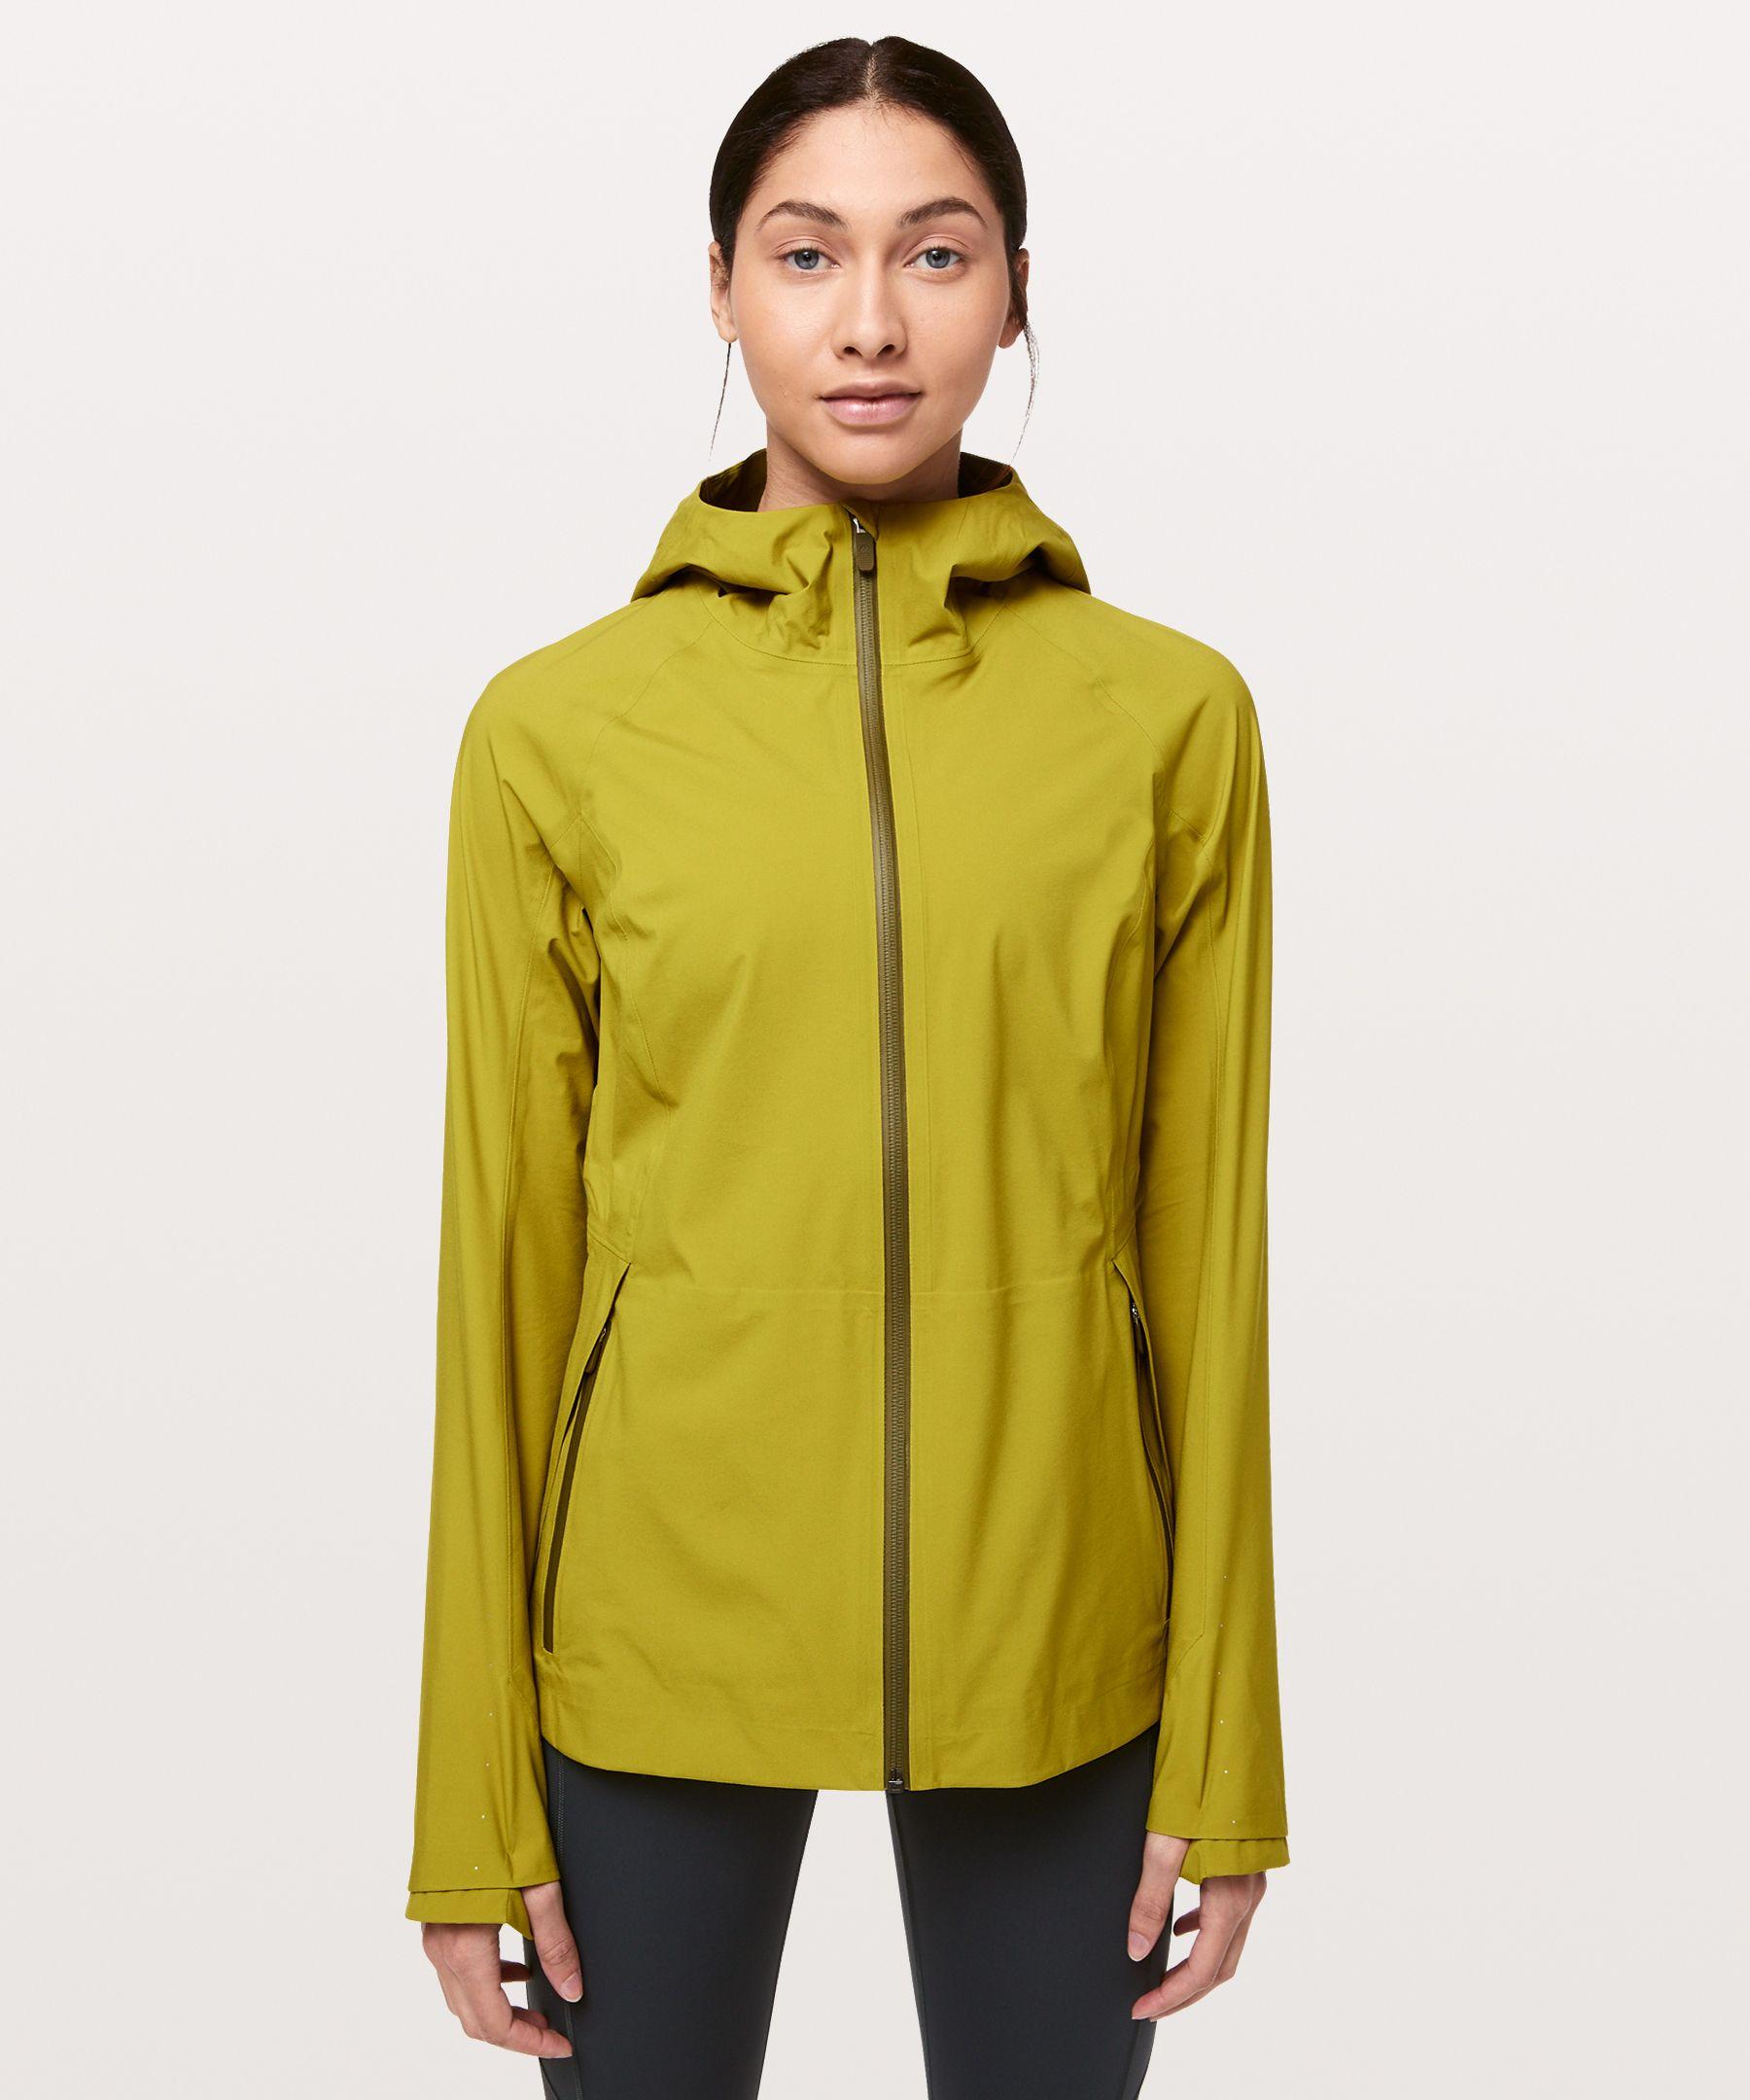 Lululemon The Rain Is Calling Jacket Ii In Golden Lime